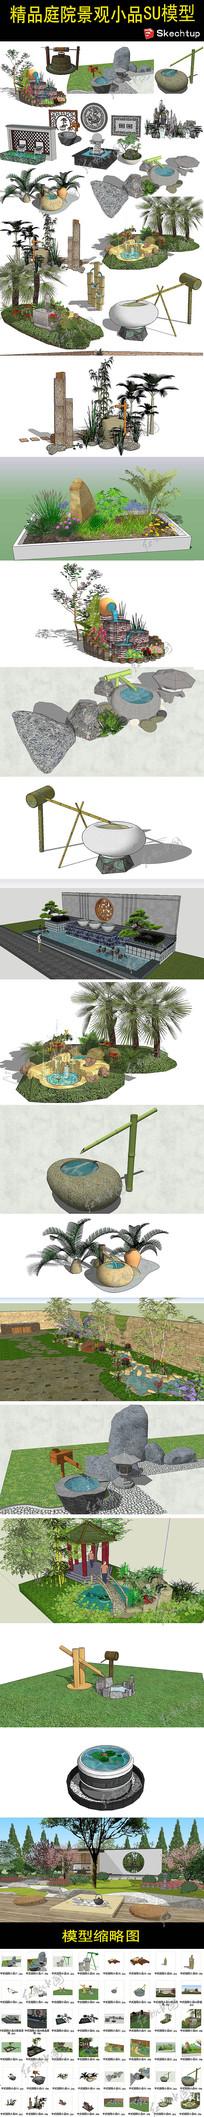 精品庭院景观小品SU模型